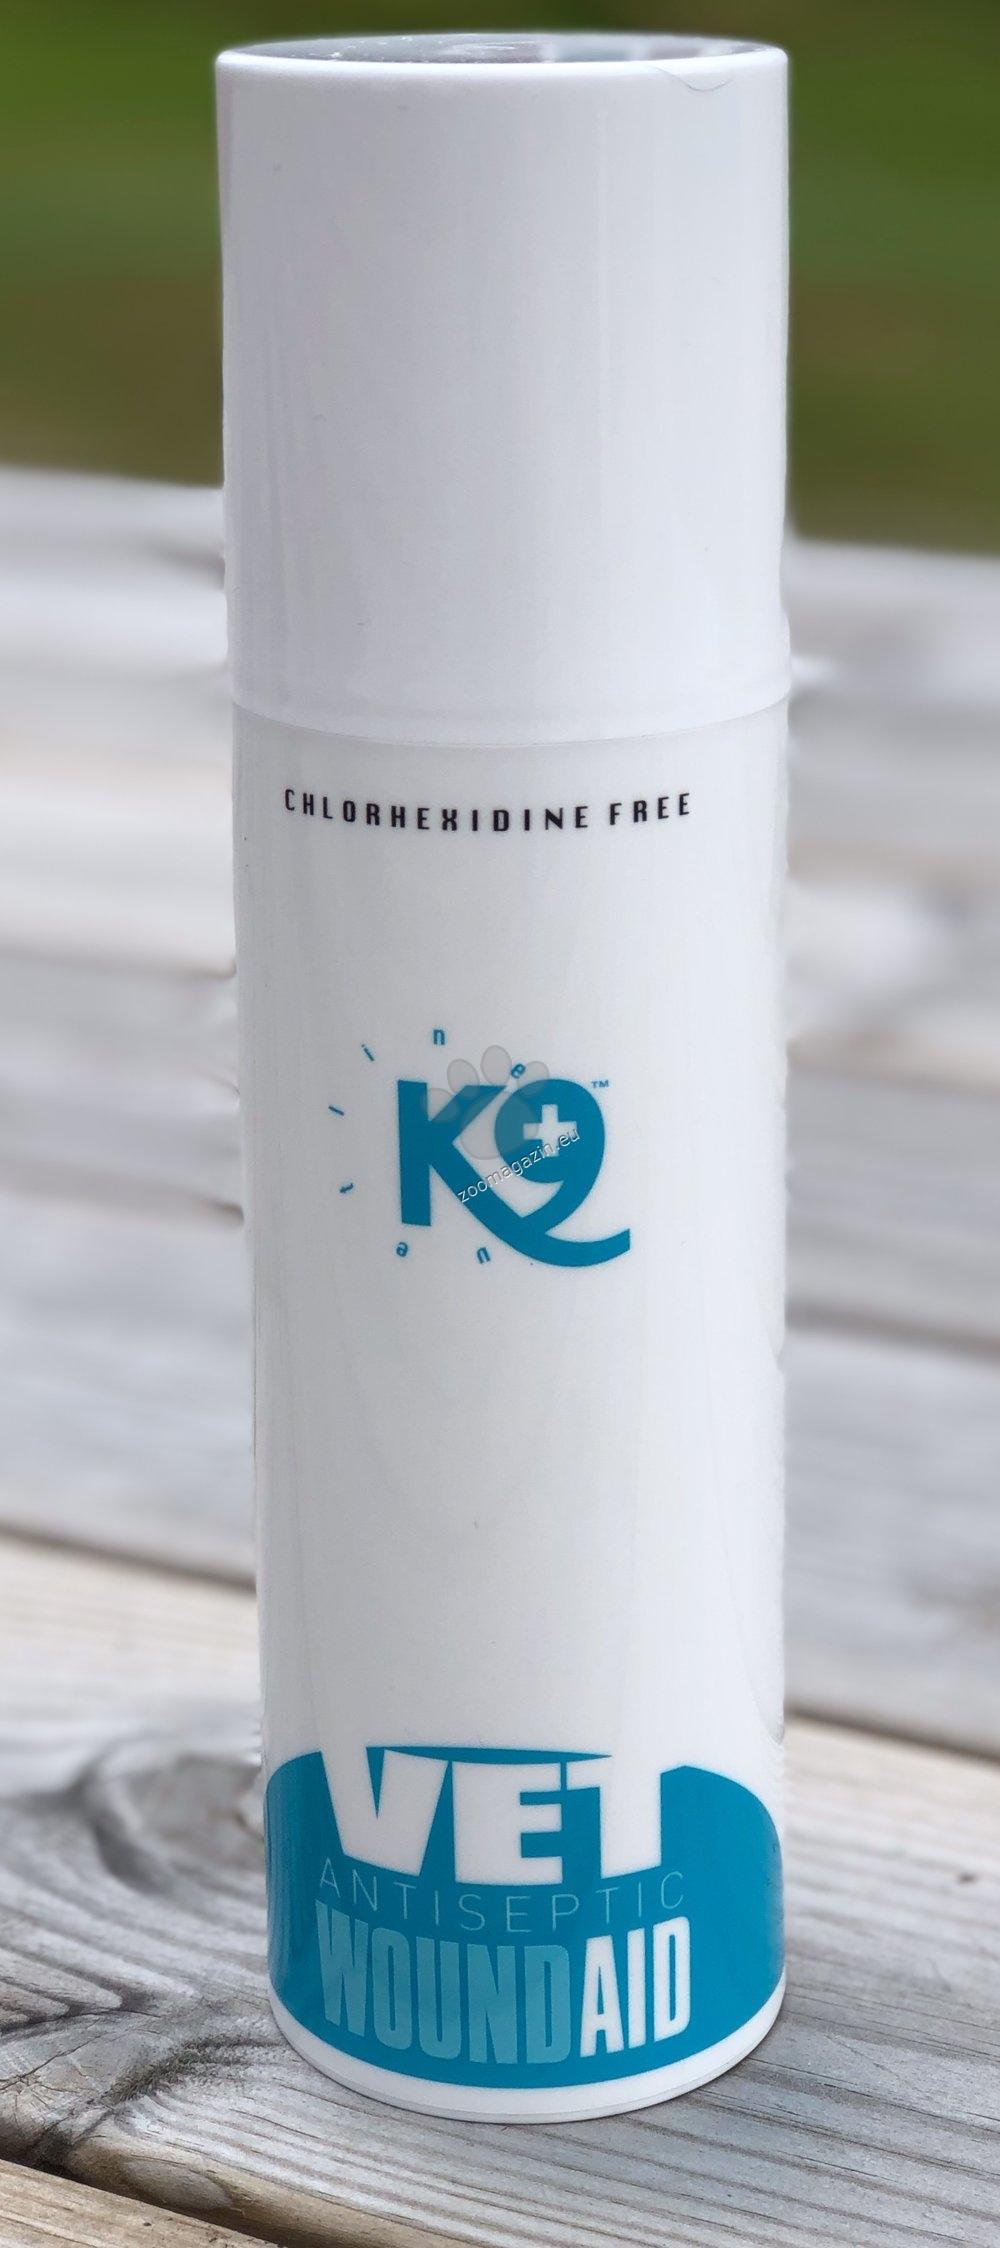 K9 Vet Wound Aid - антибактериален мехлем с лечебни свойства 150 мл.